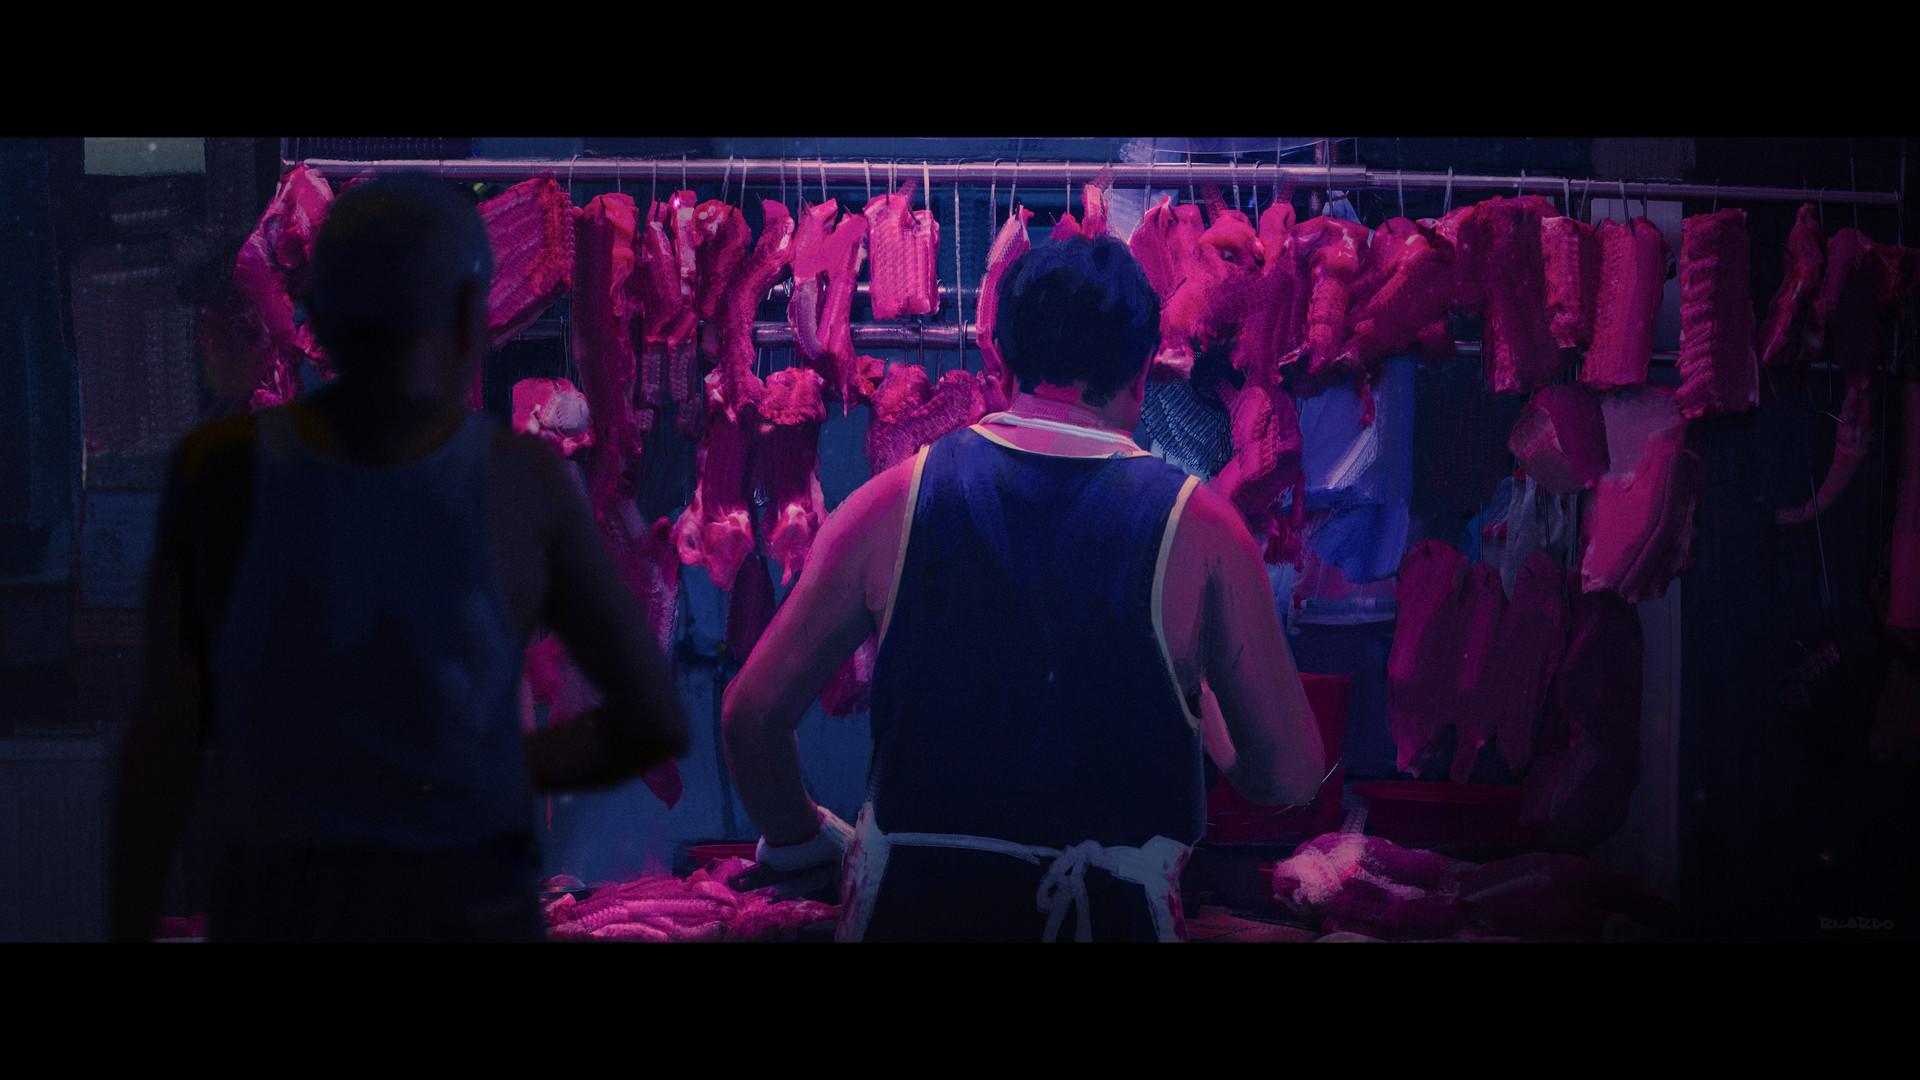 Ricardo guimaraes butchershop